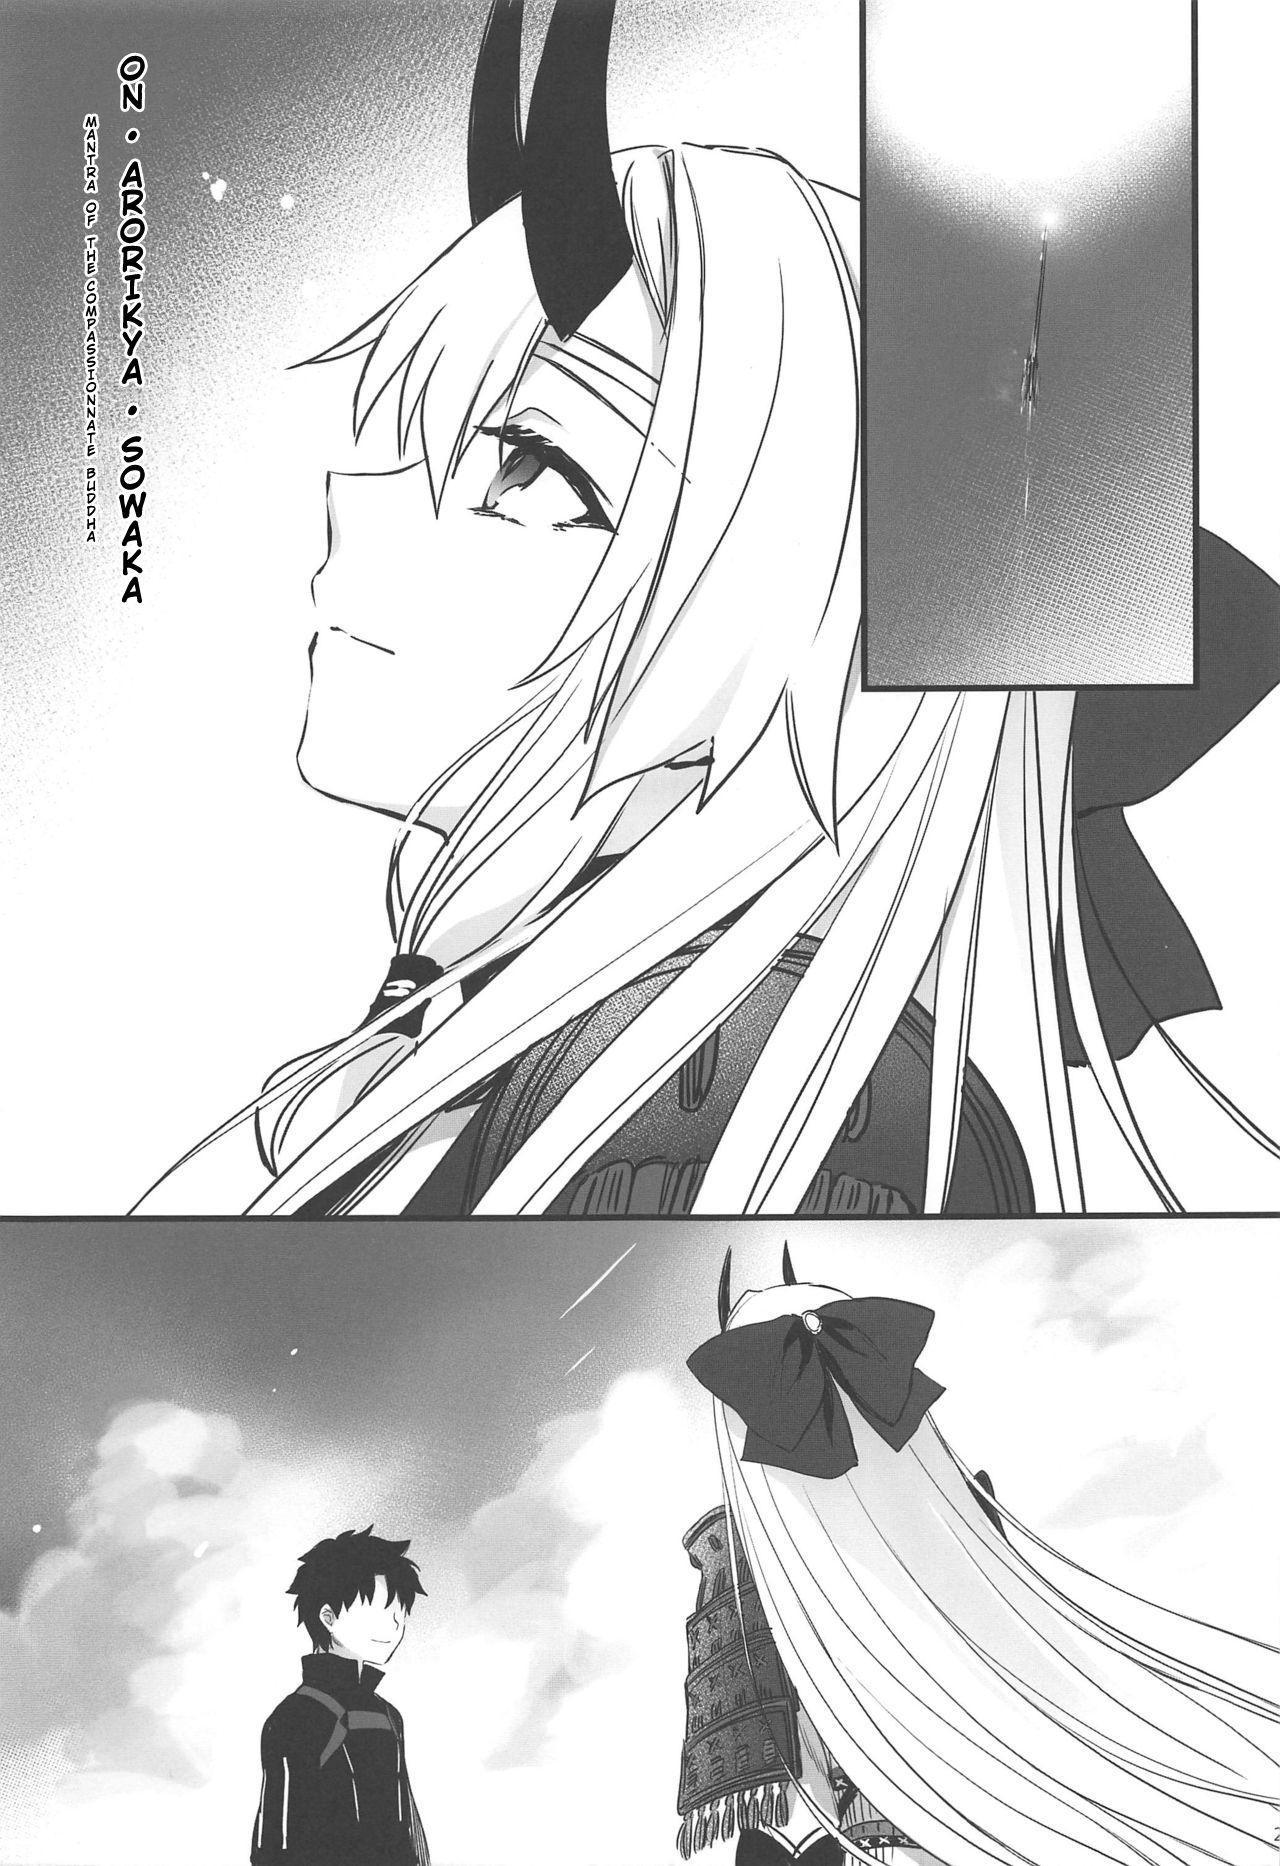 Tou ni Negai Tsukushita Hazu nanoni | Long Out of Wishes And Yet 25